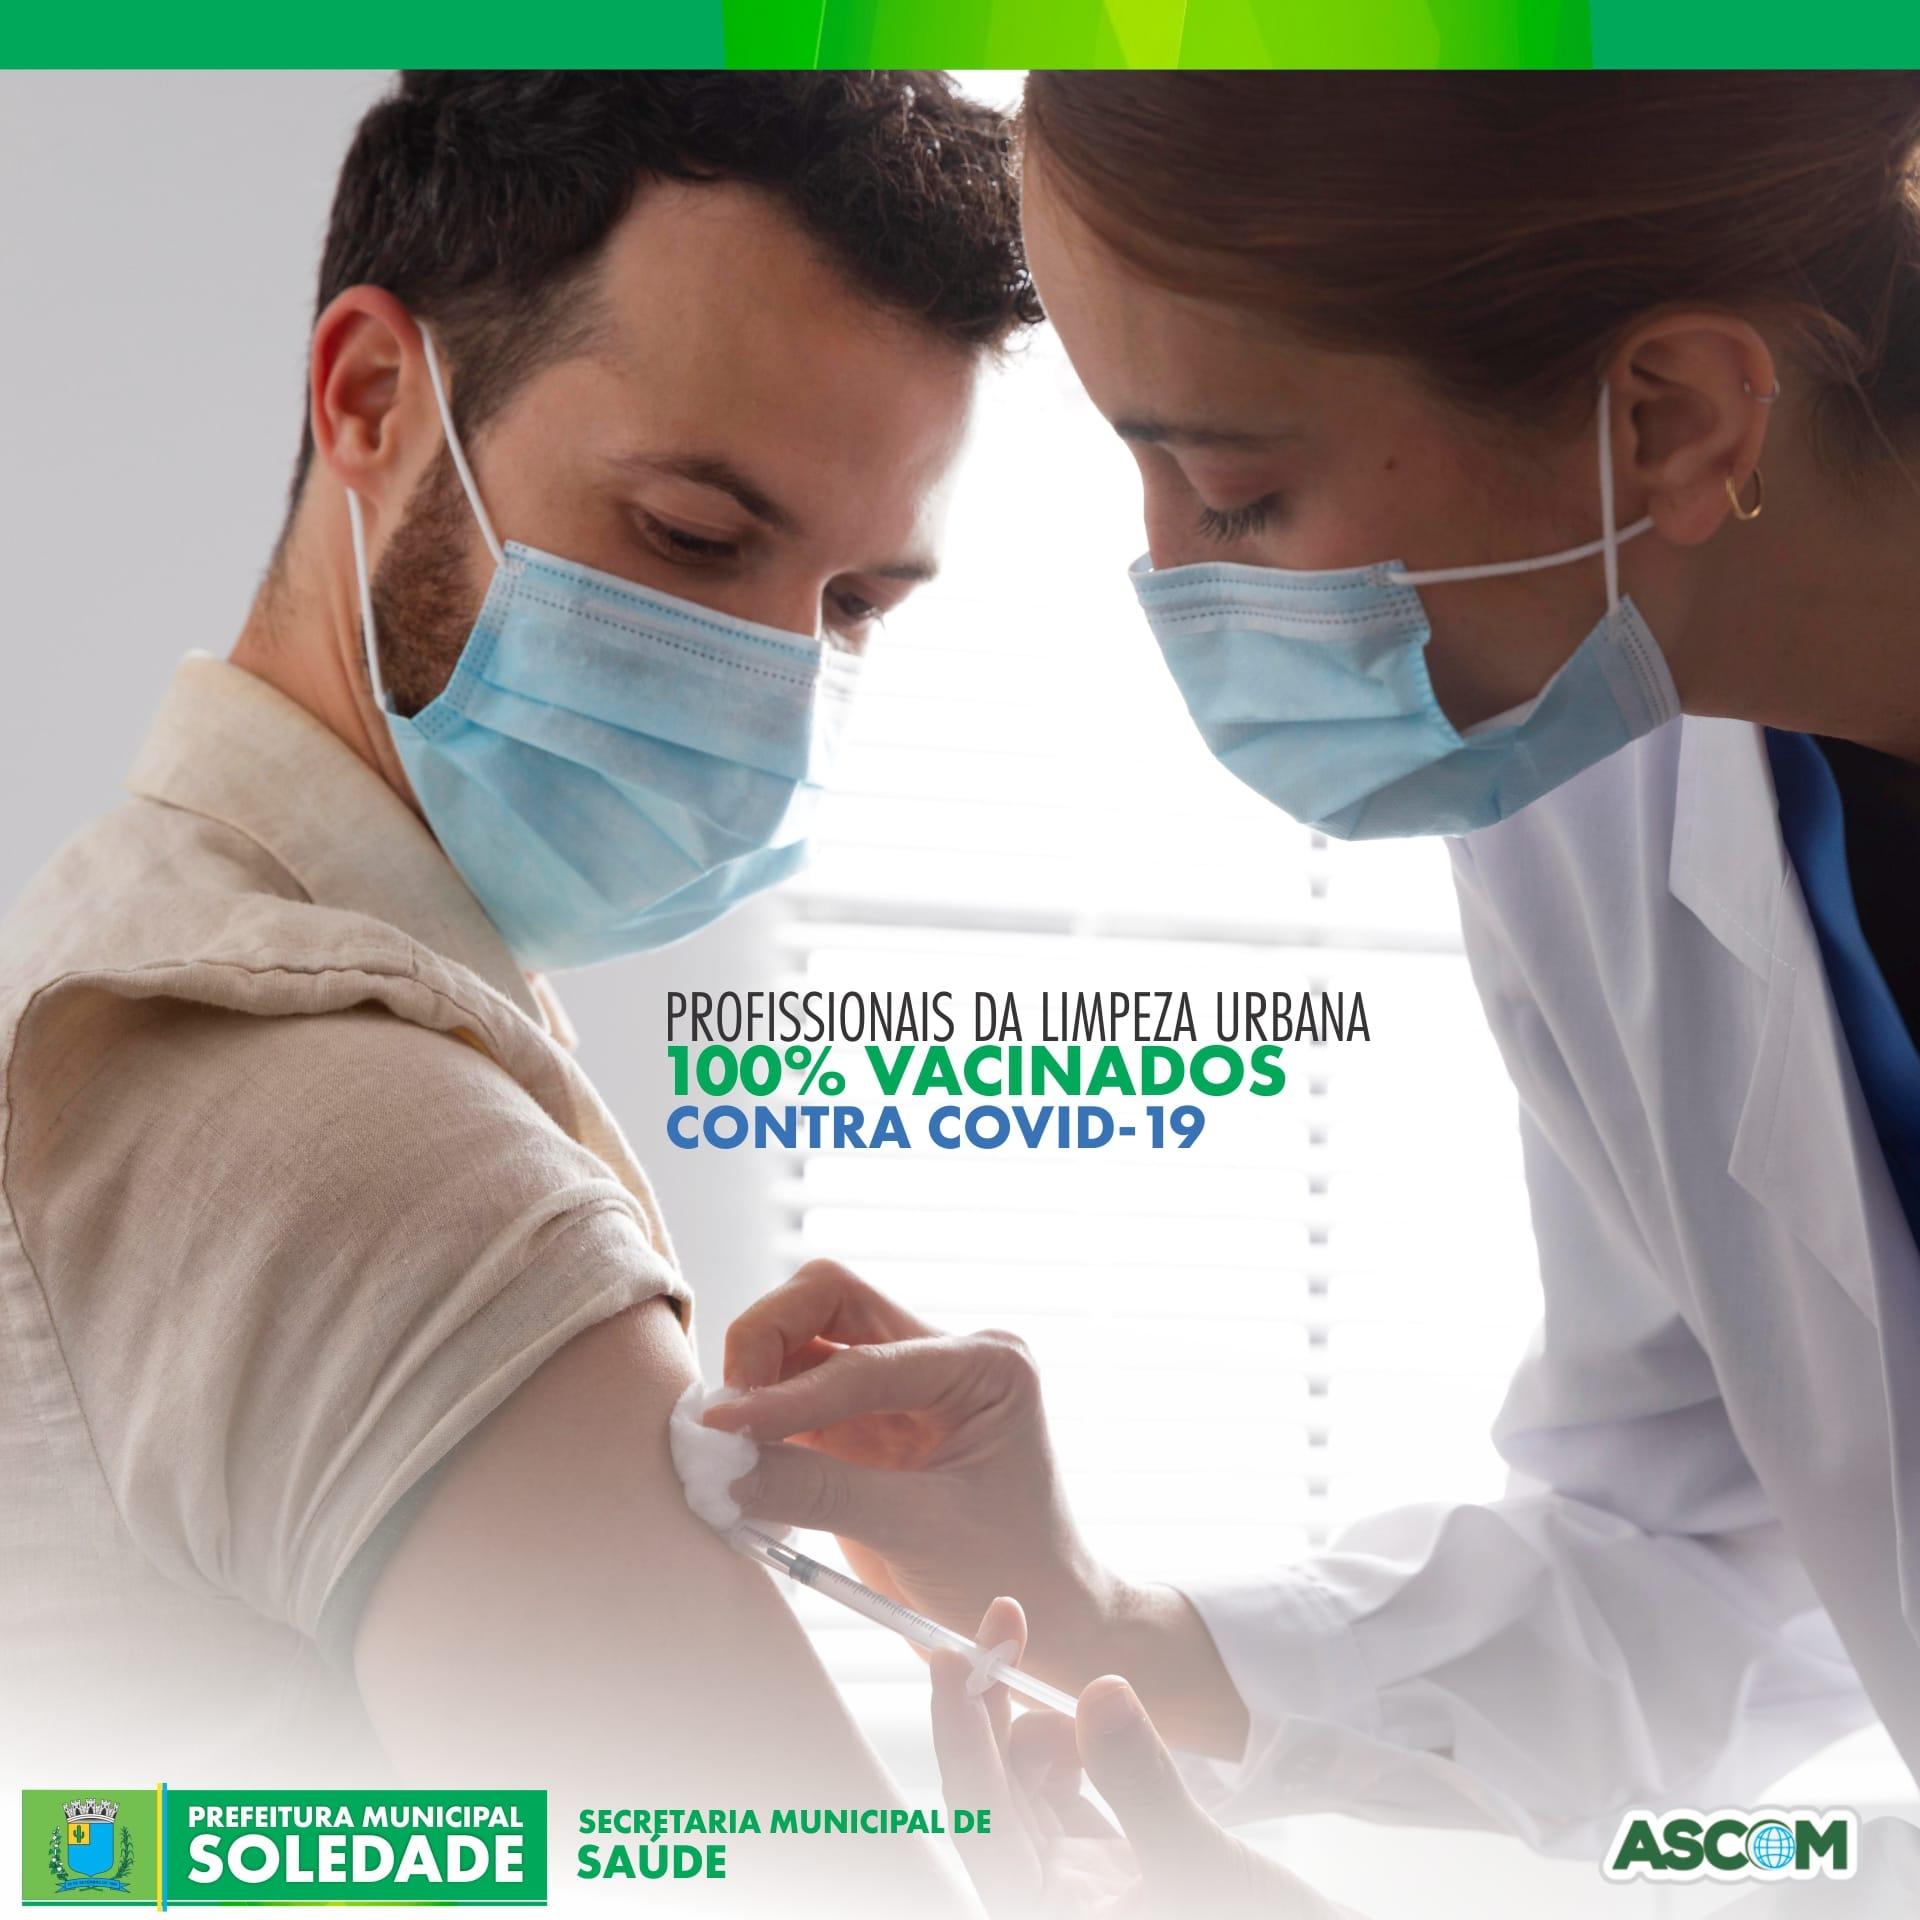 Profissionais da Limpeza Urbana são vacinados contra a Covid-19